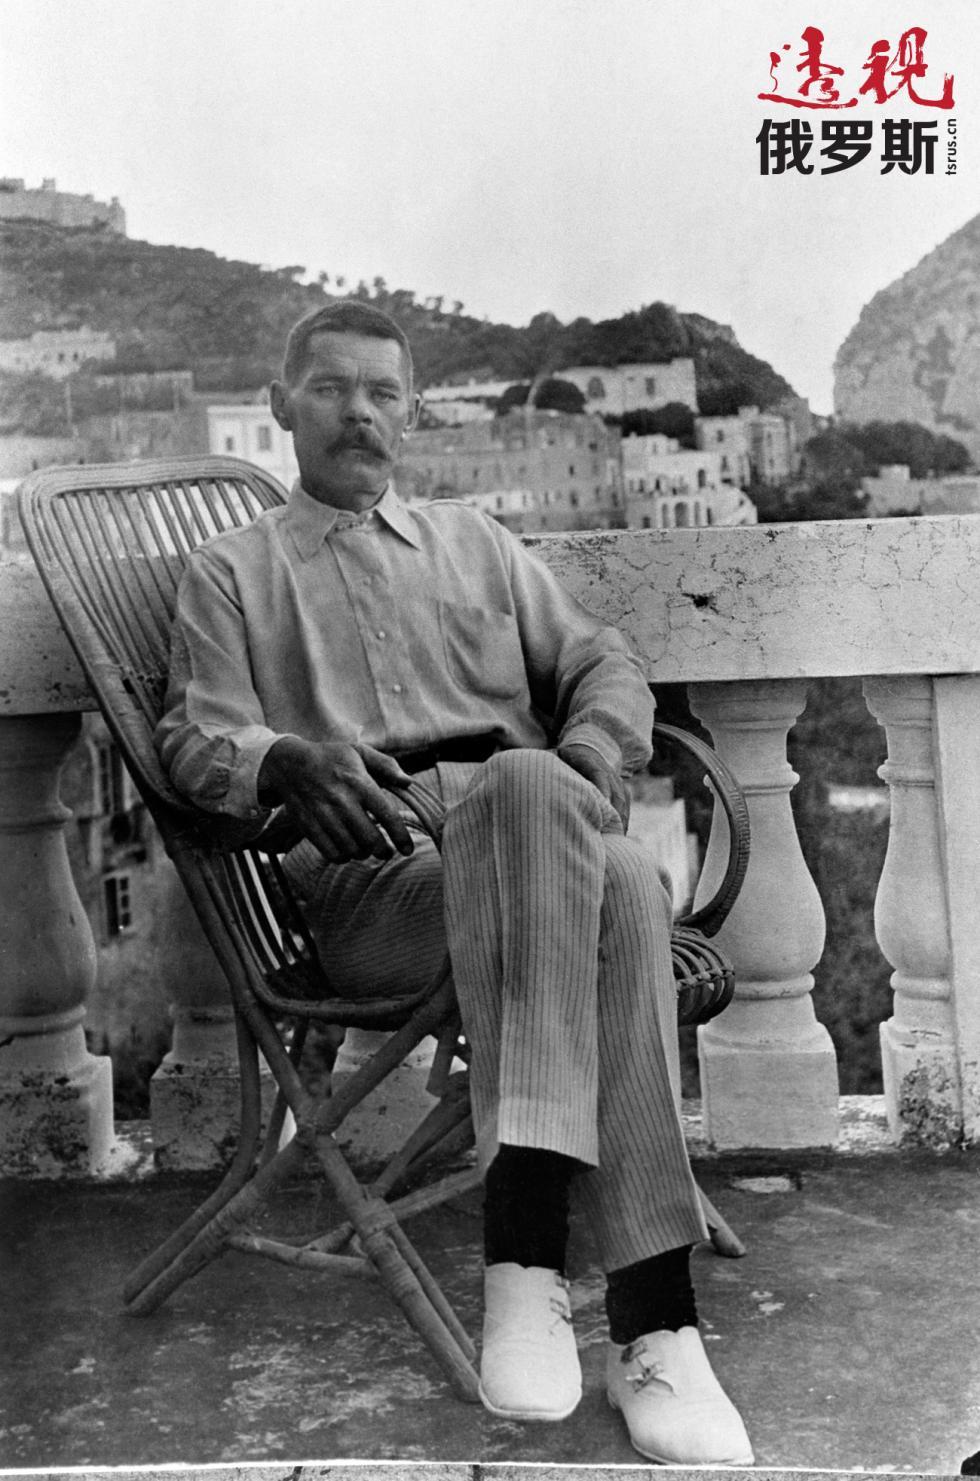 1910年,马克西姆·高尔基在卡普里岛。图片来源:塔斯社